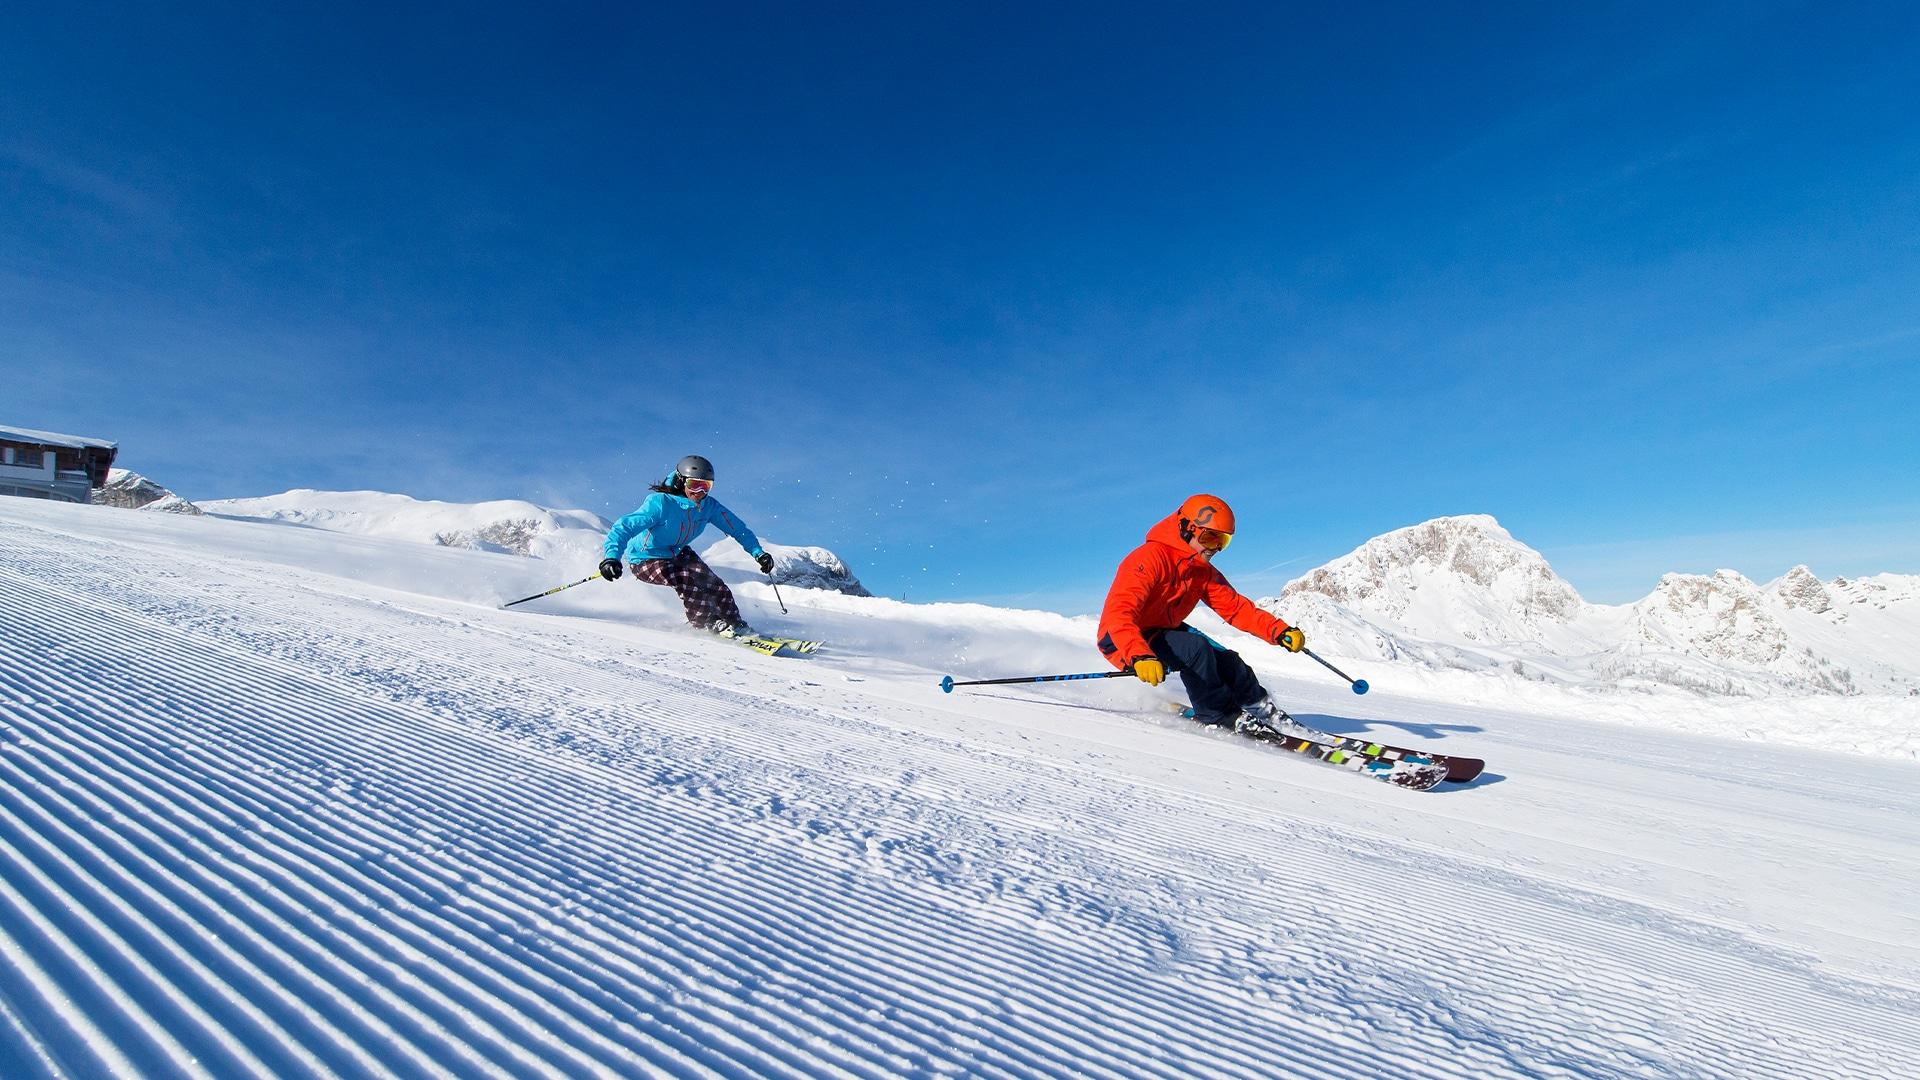 Skifahren-Neu-2